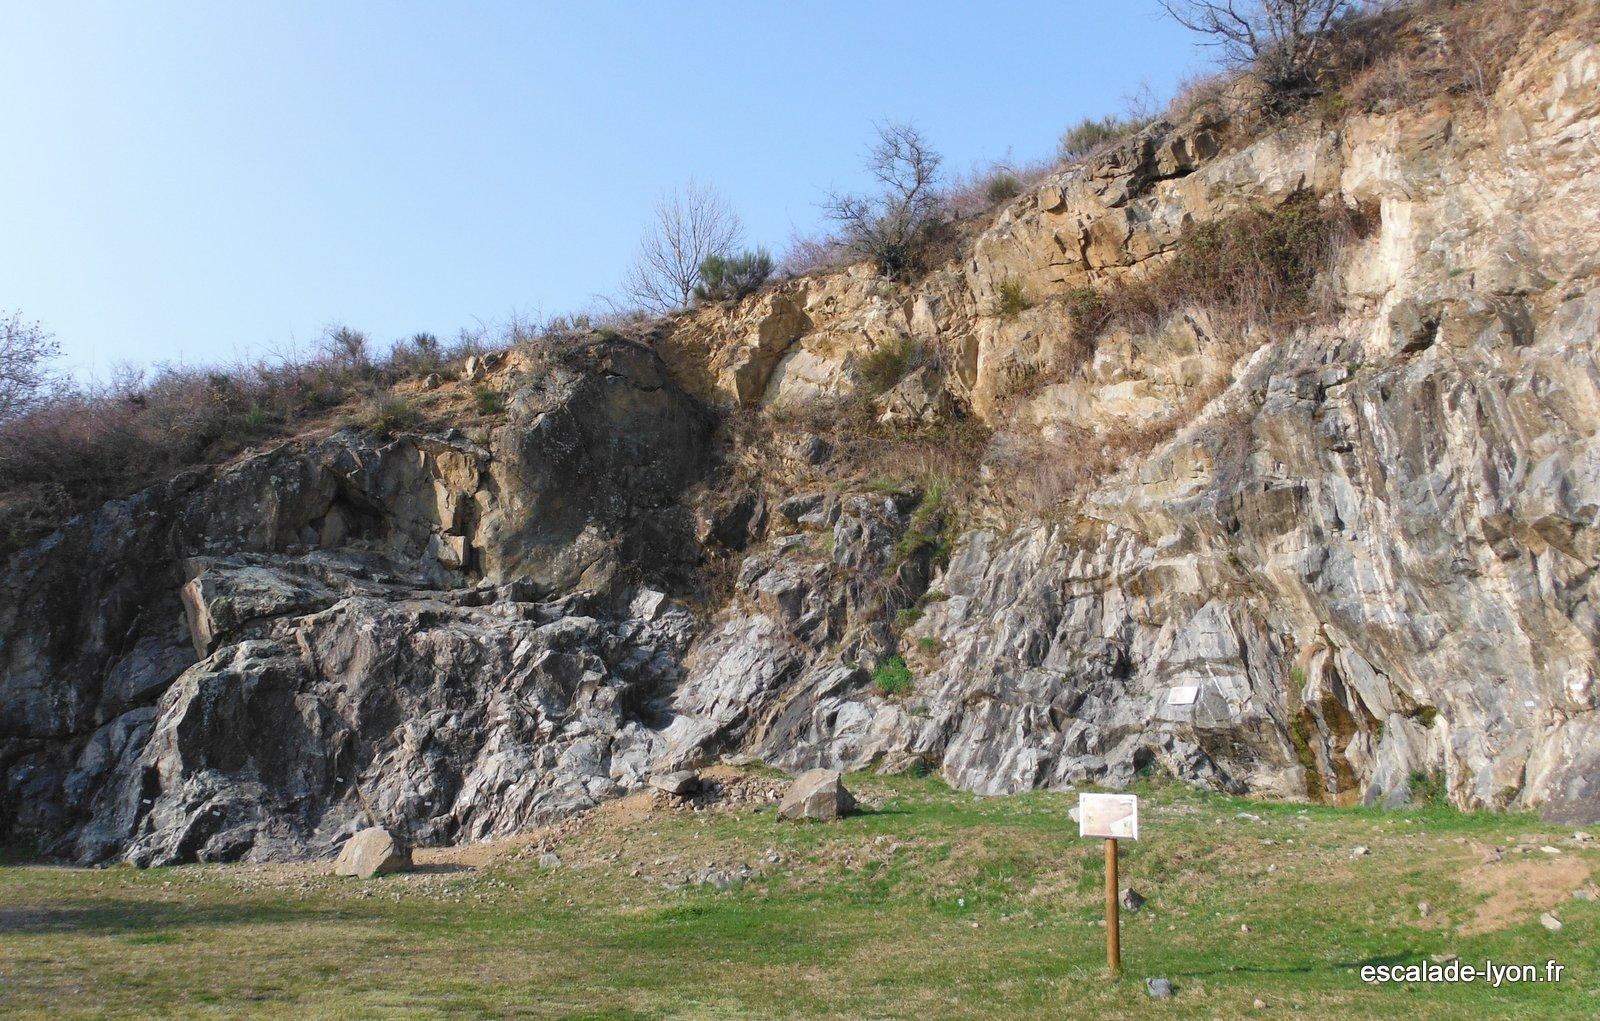 Escalade dans les monts du lyonnais à Riverie escalade-lyon.fr